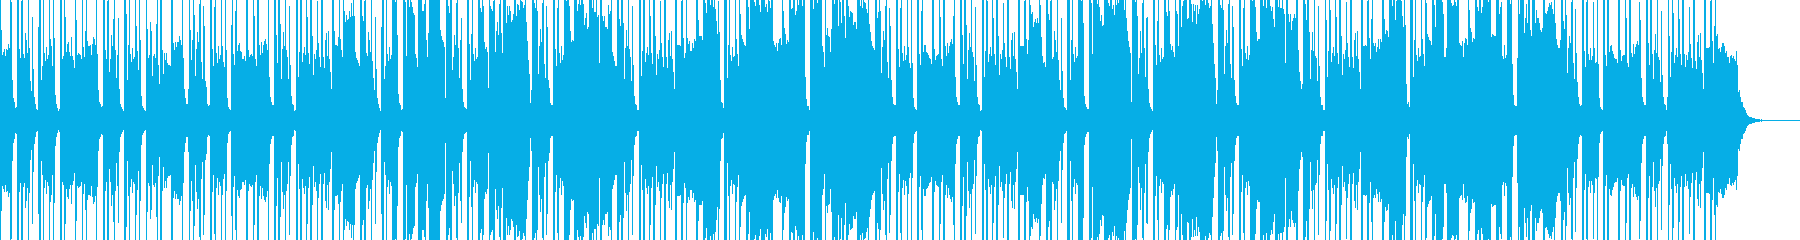 落ち着いたJazzyウッドベースサックスの再生済みの波形